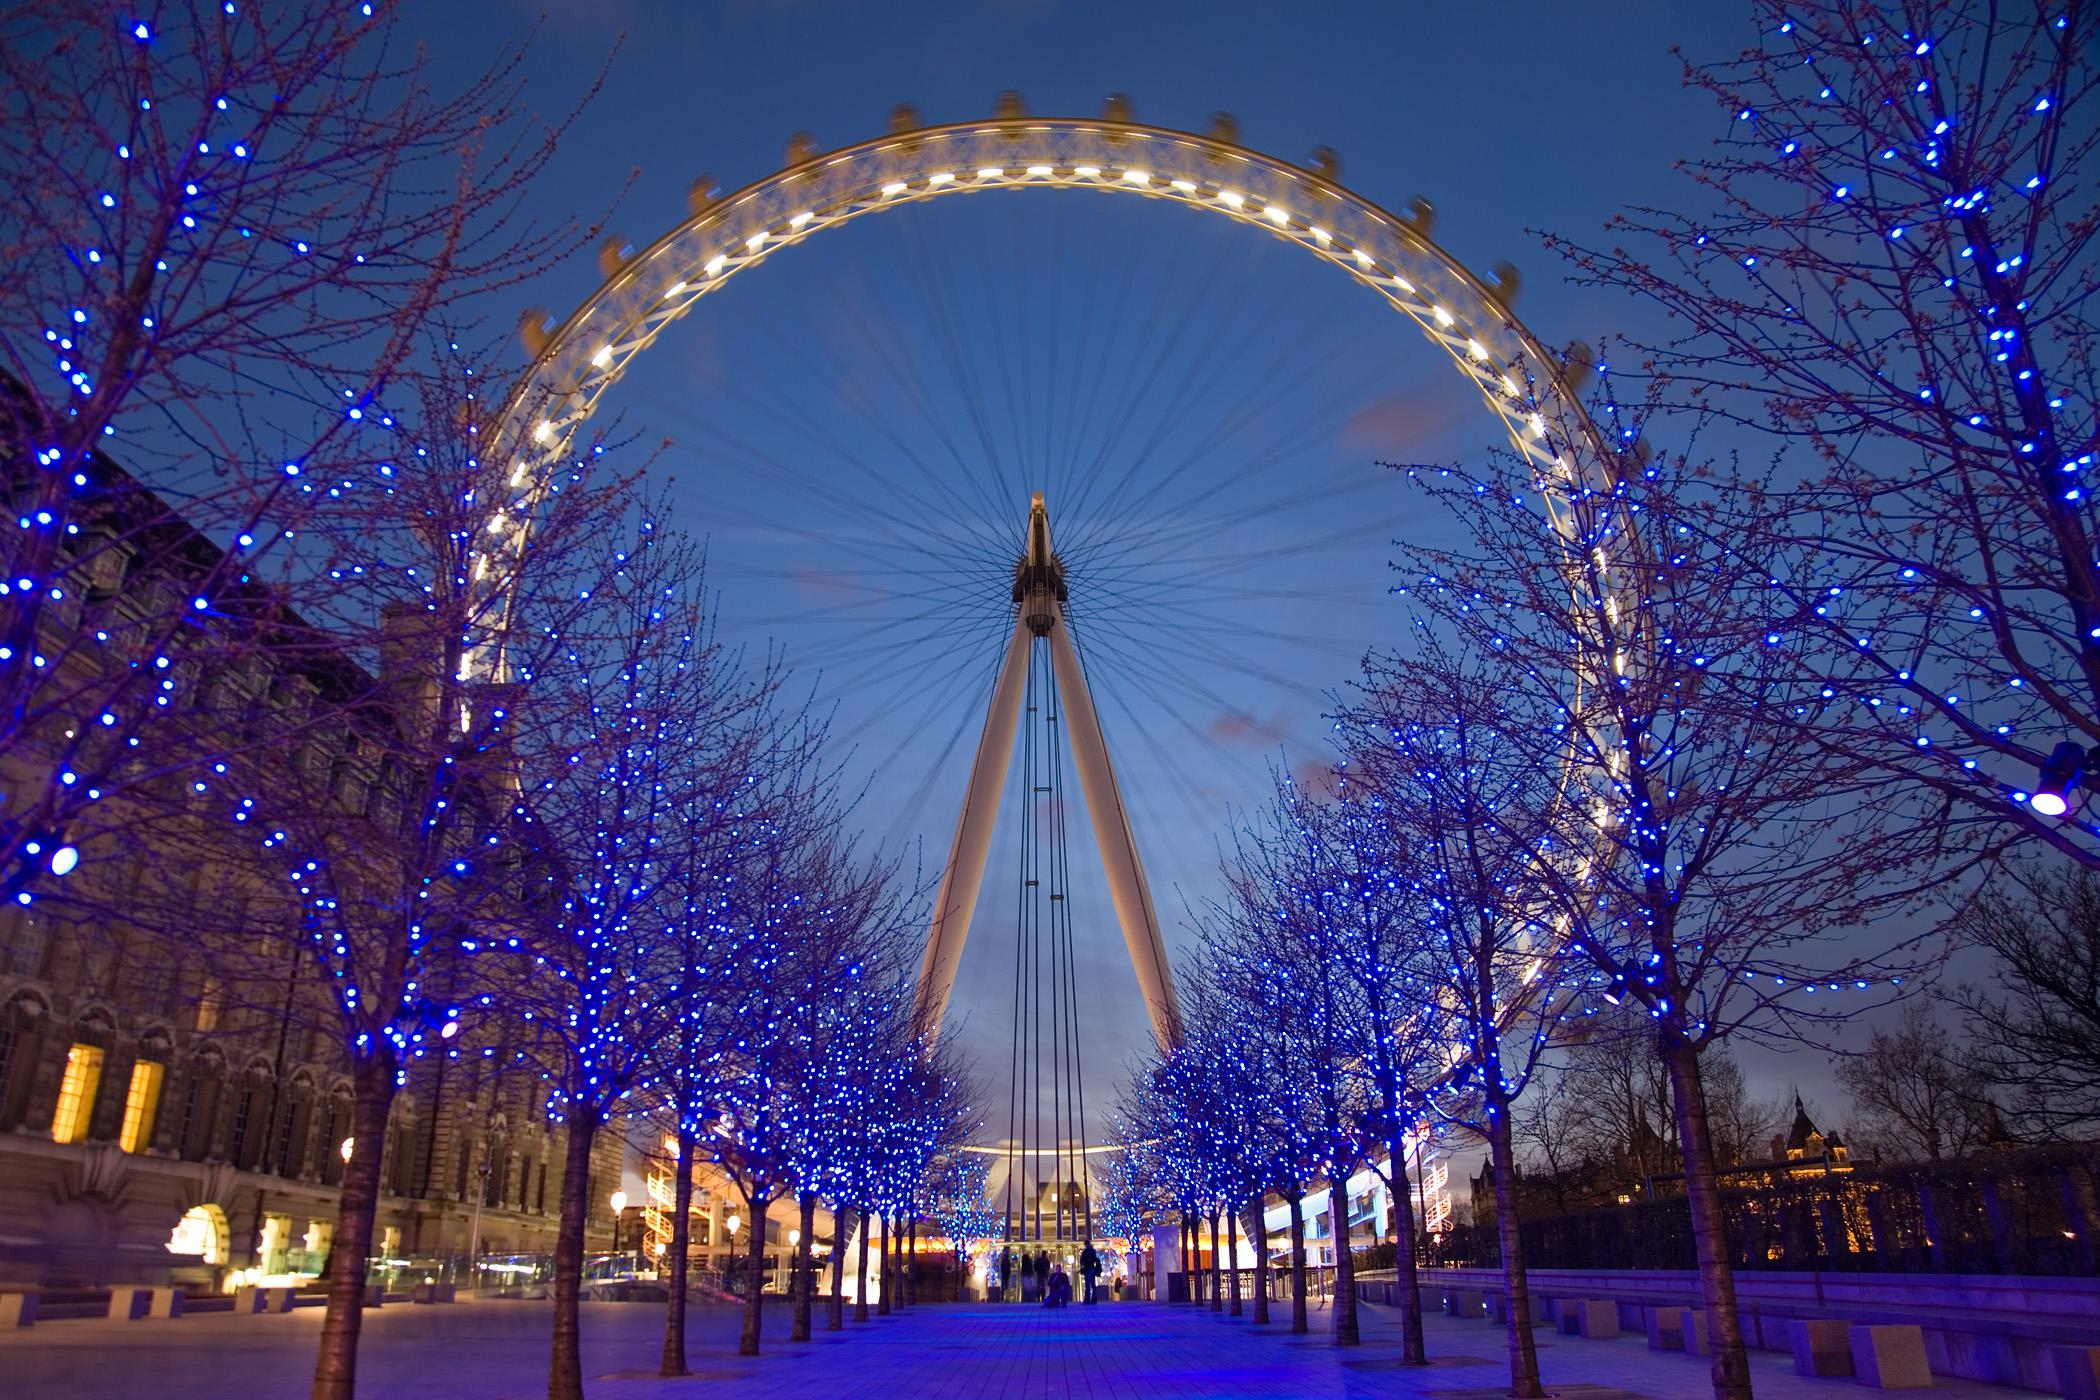 За коледа и нова година лондон